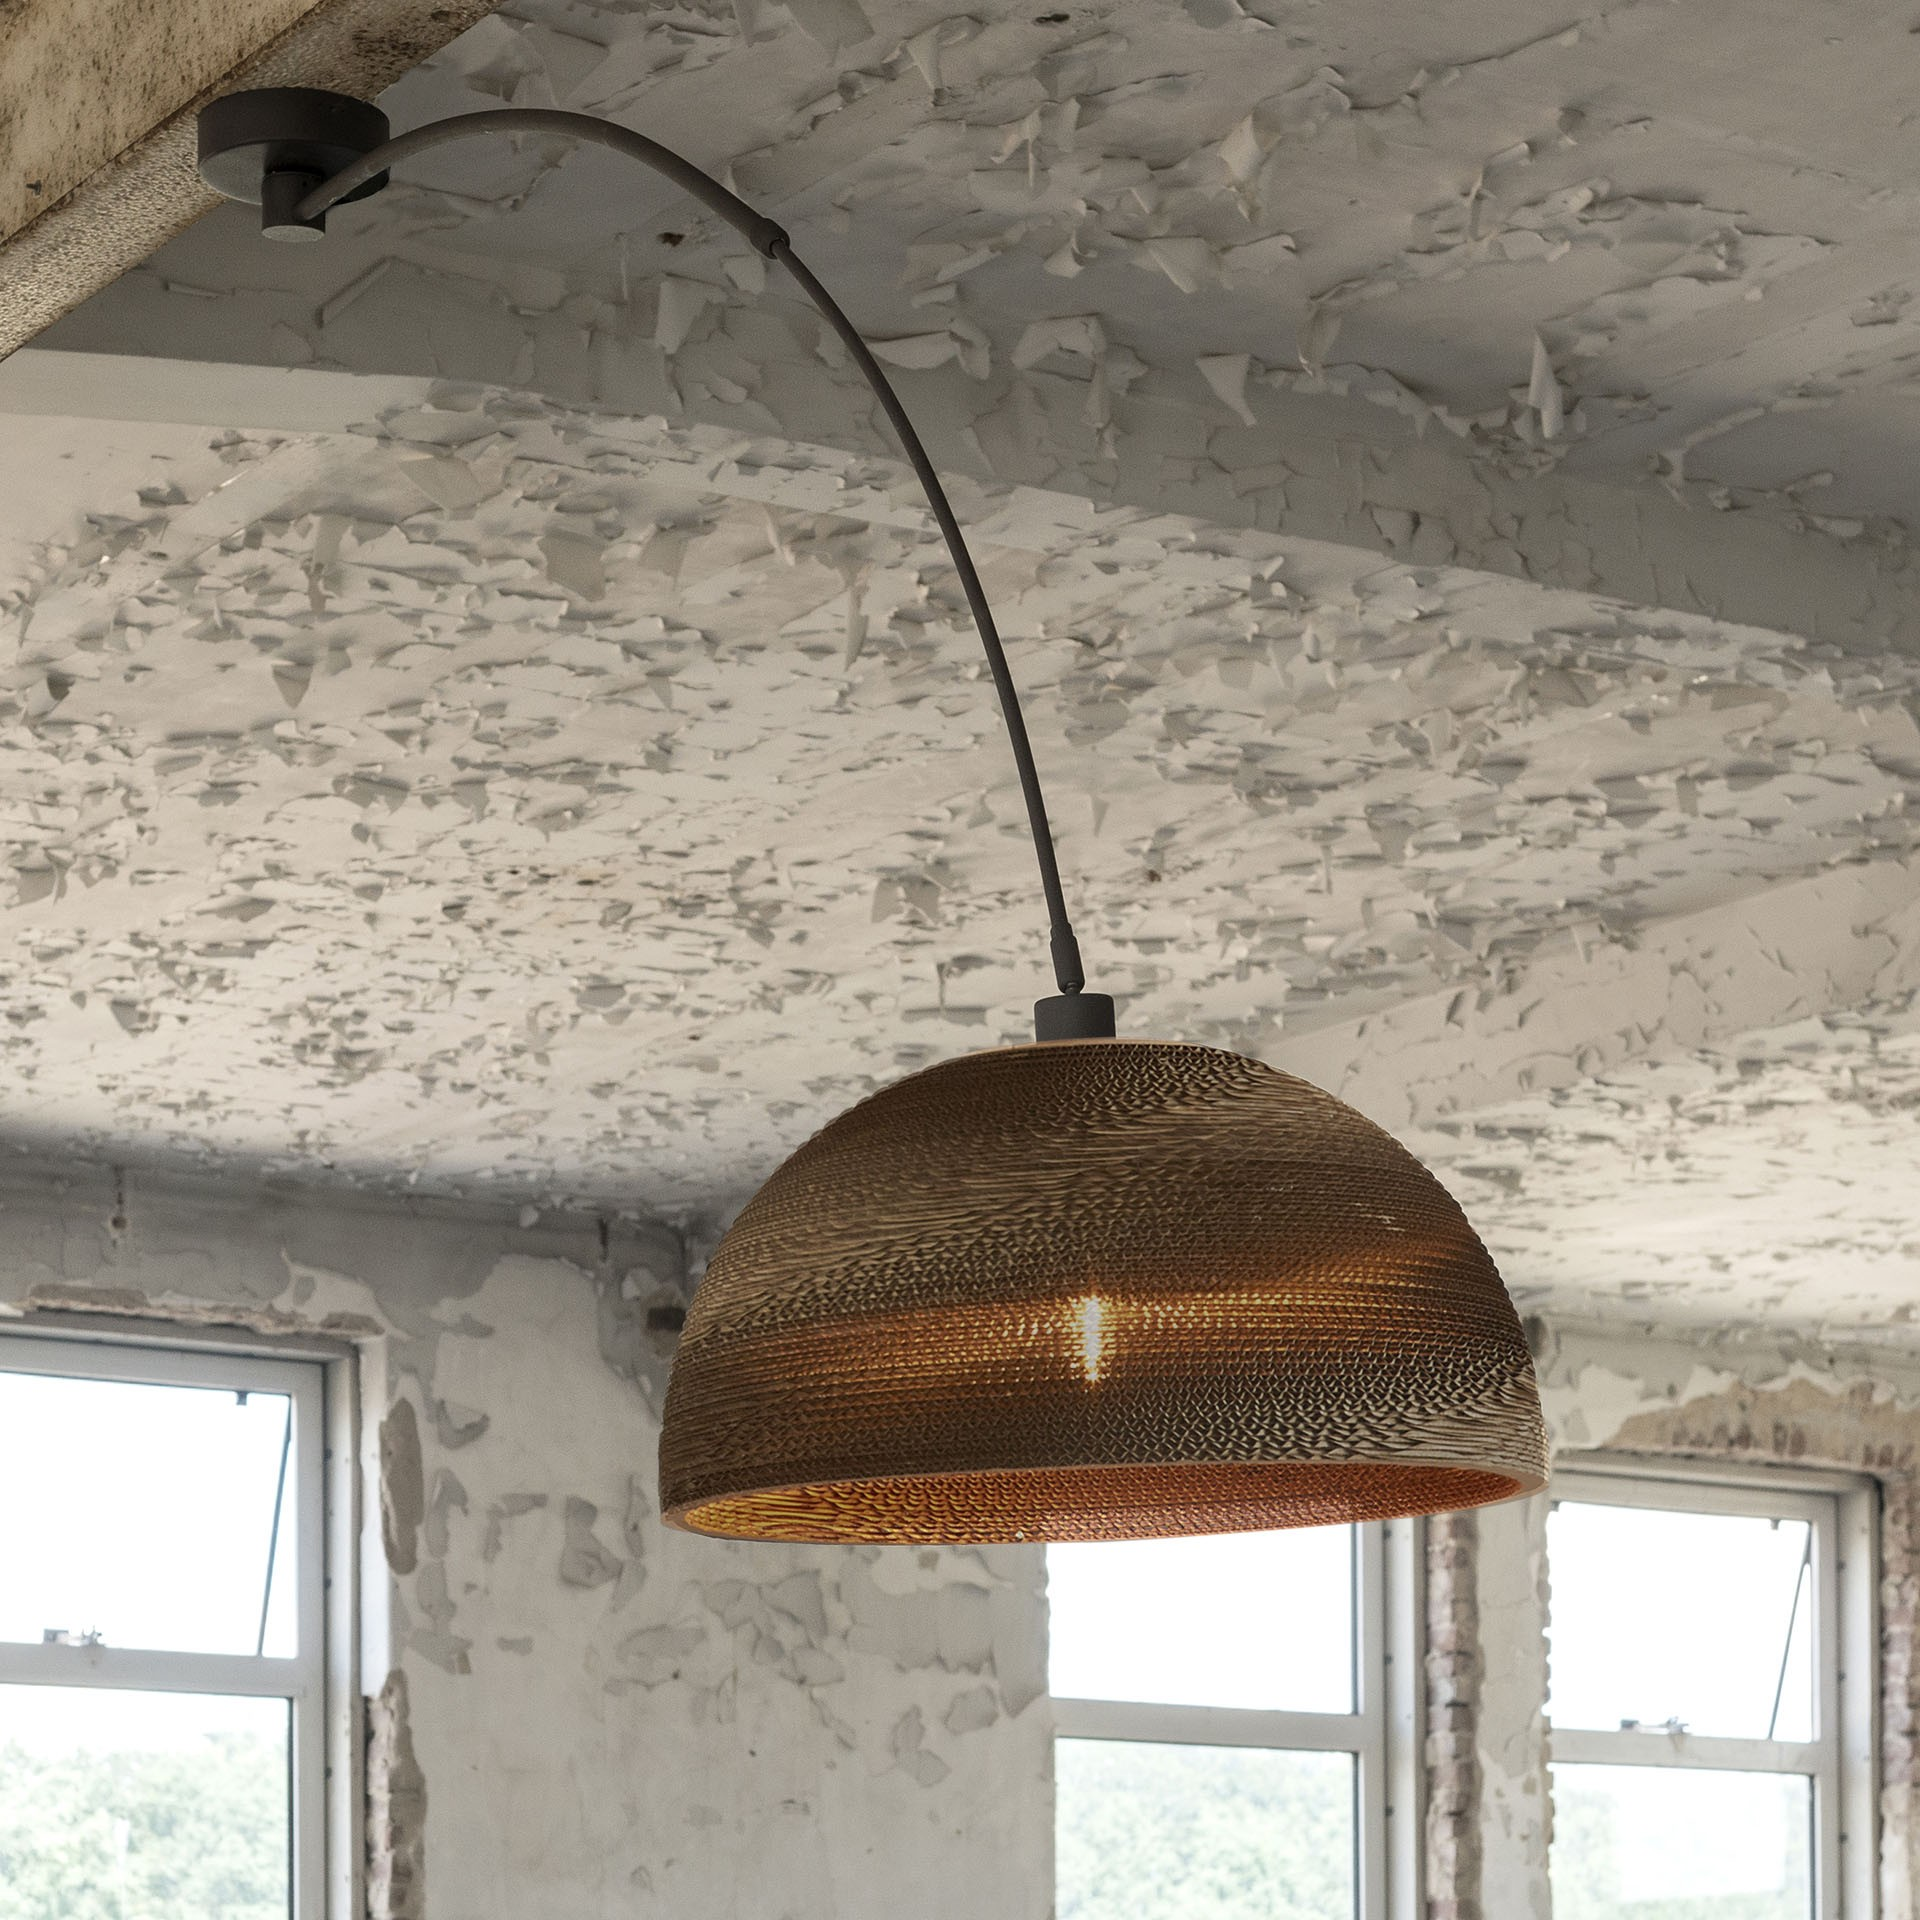 deckenleuchte braun karton deckenlampe karton lampenschirm durchmesser 55 cm. Black Bedroom Furniture Sets. Home Design Ideas